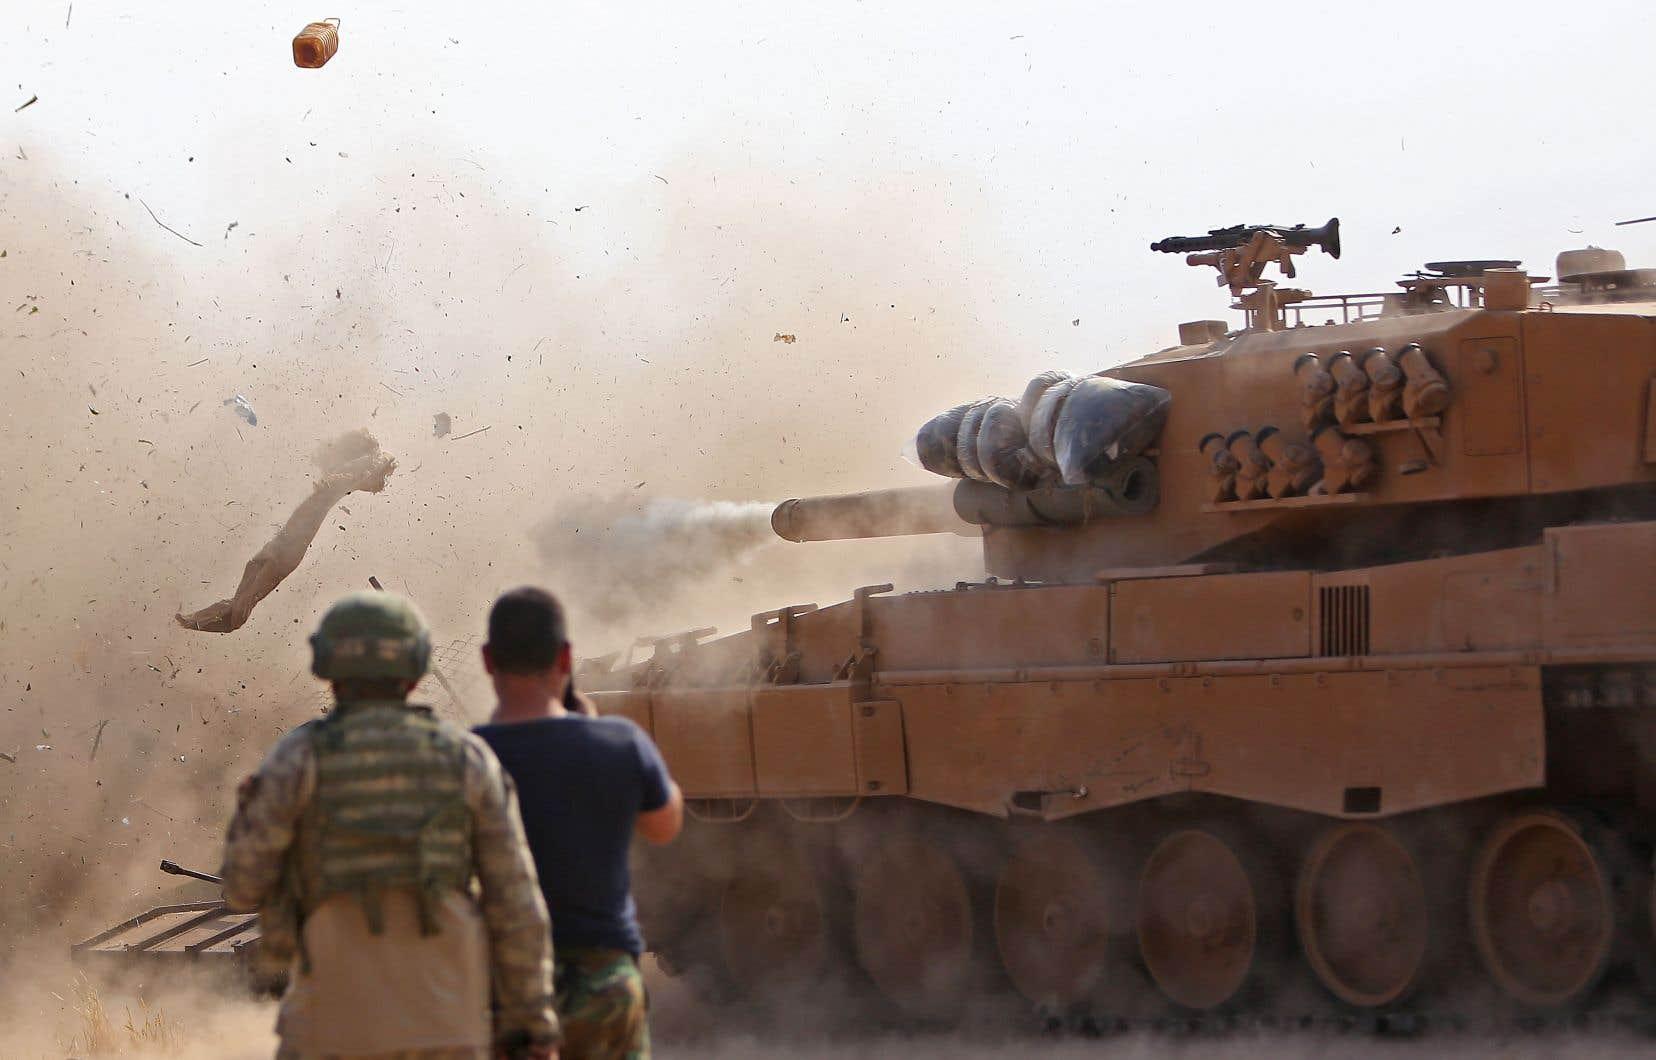 L'intervention turque dans le nord-est de la Syrie était une question de temps.